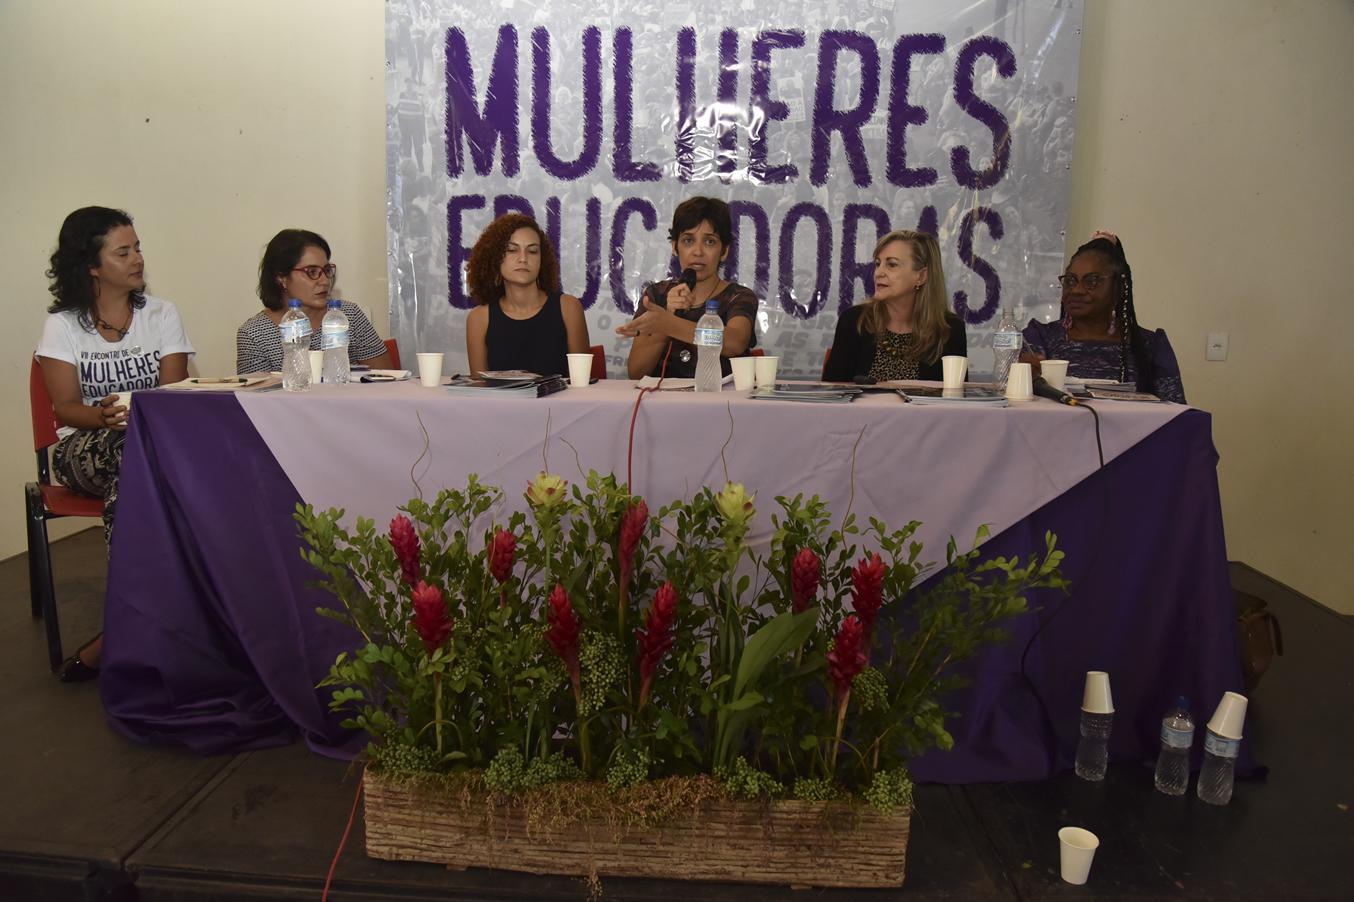 2019.04.27_ENCONTRO-MULHERES-EDUCADORAS_fotos-Deva-Garcia-78